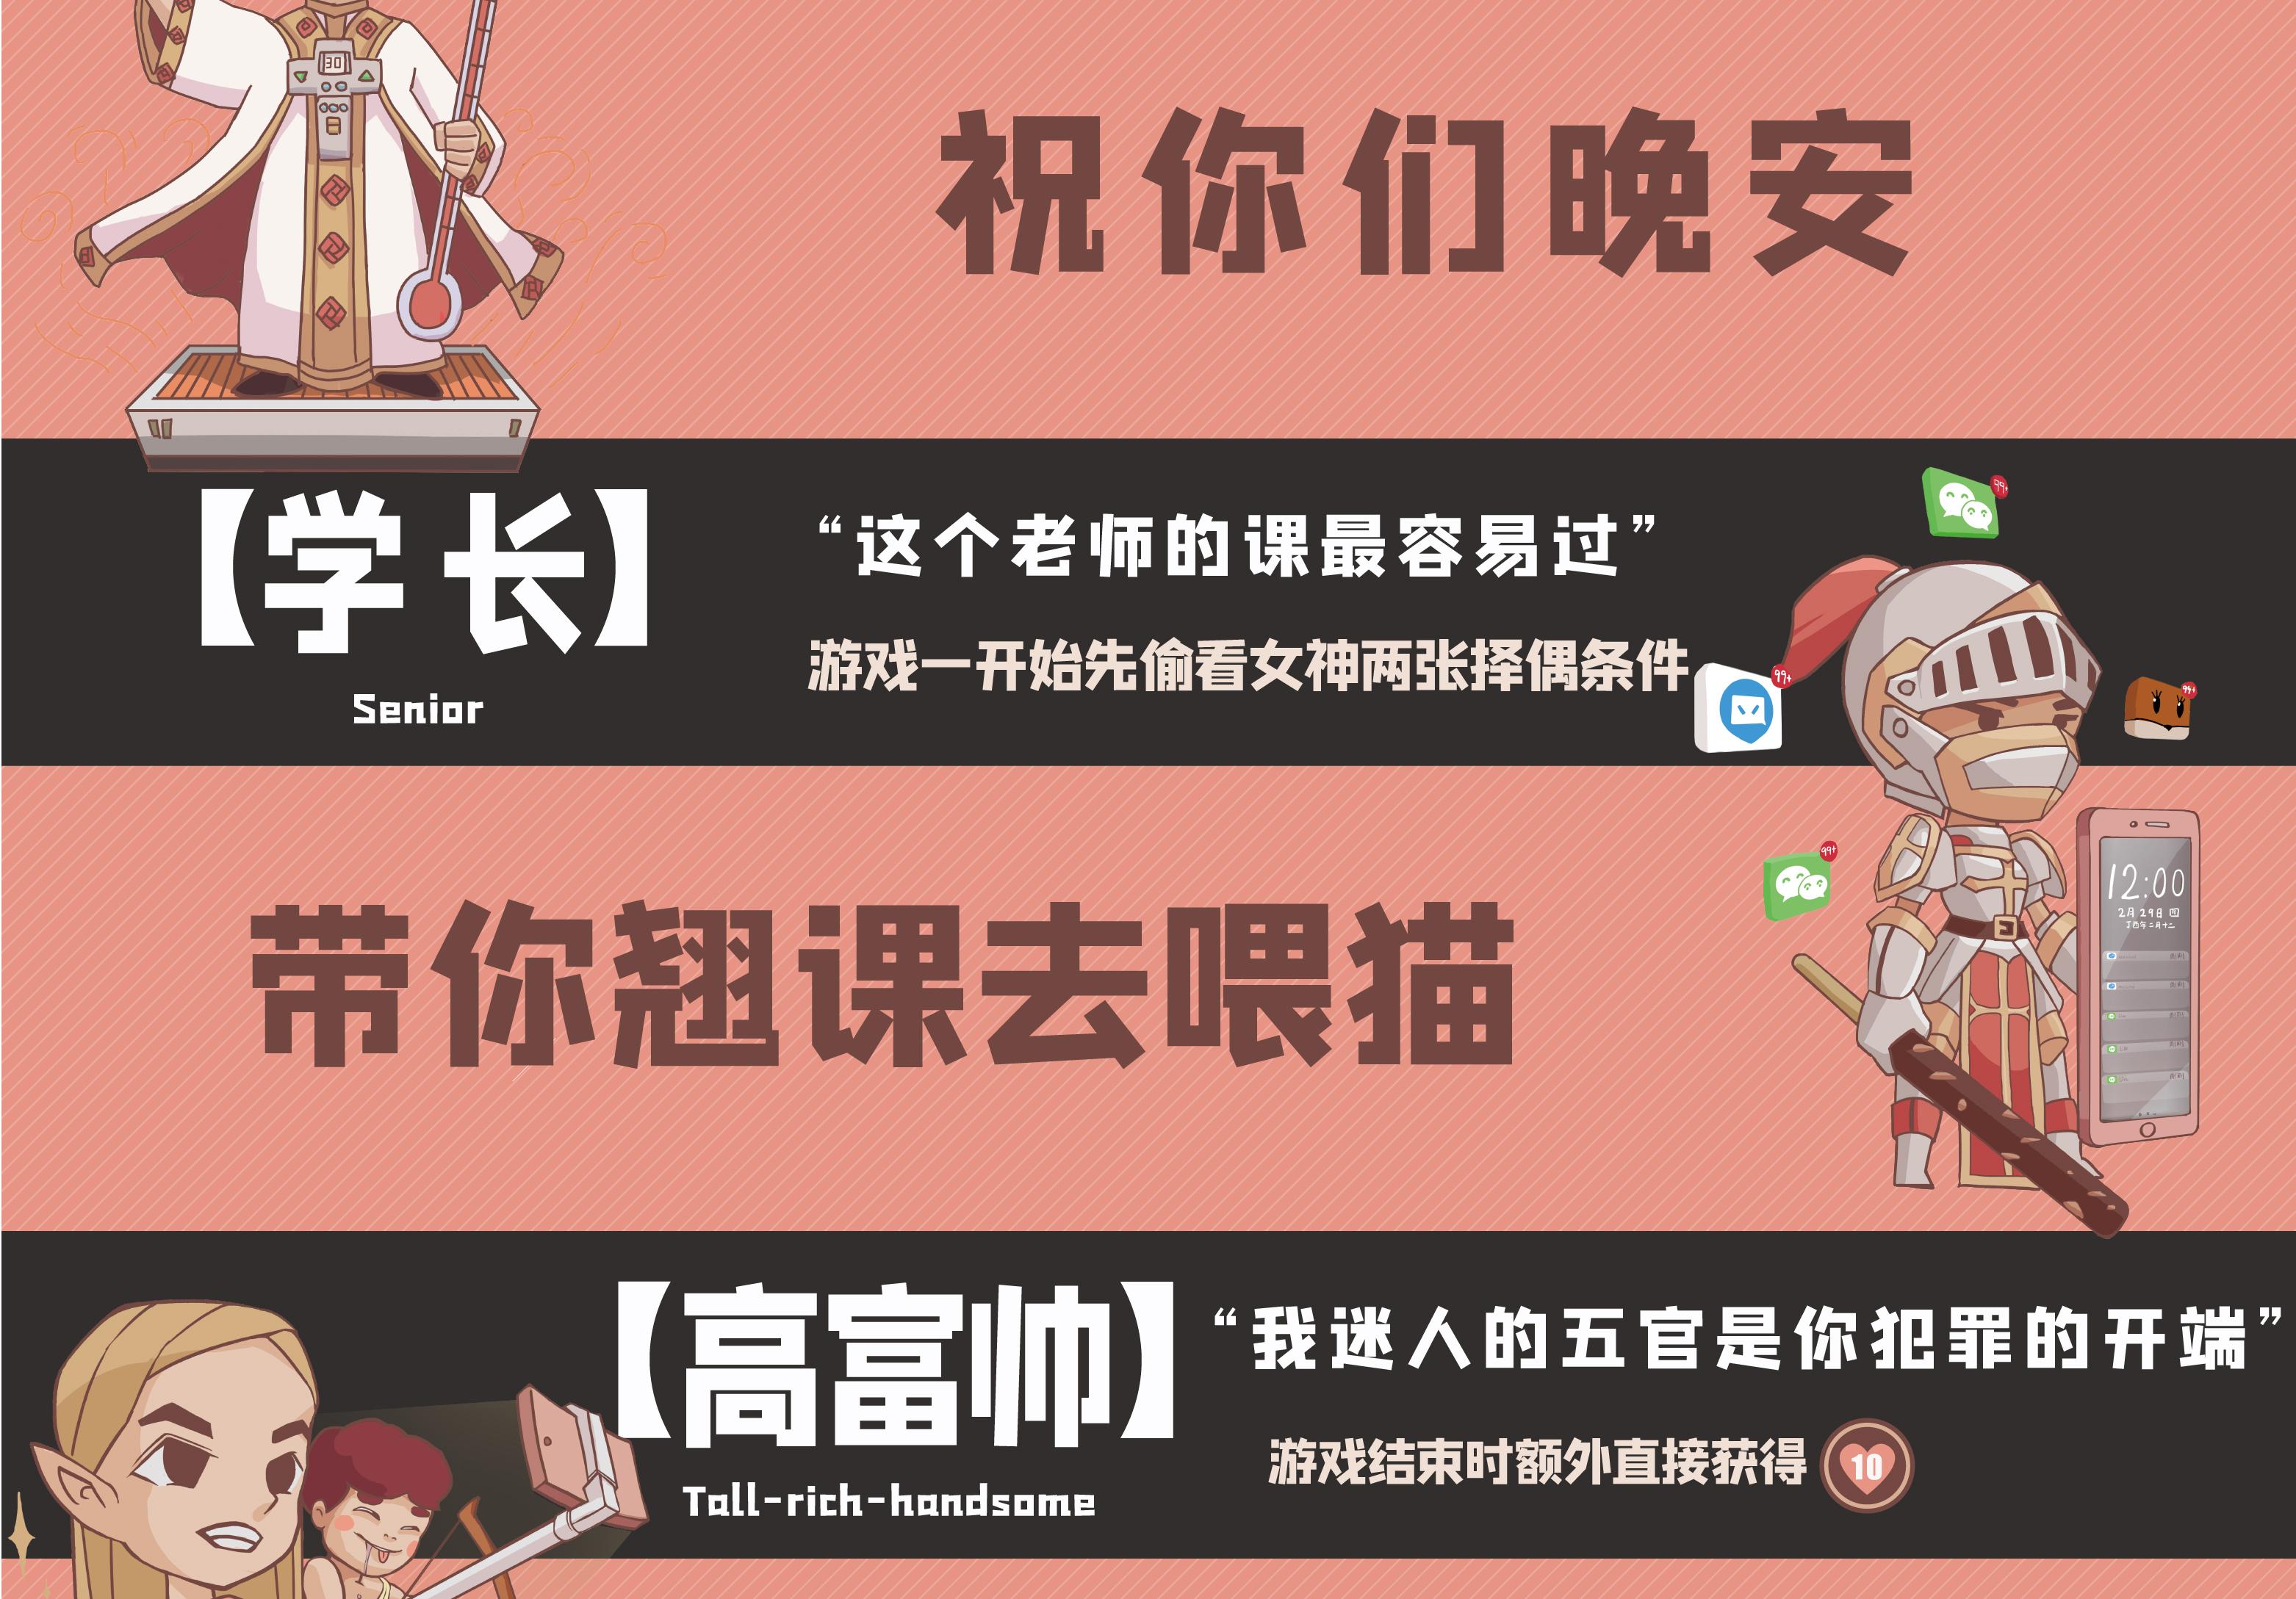 20190904-众筹封面-详情_画板-1_13.jpg